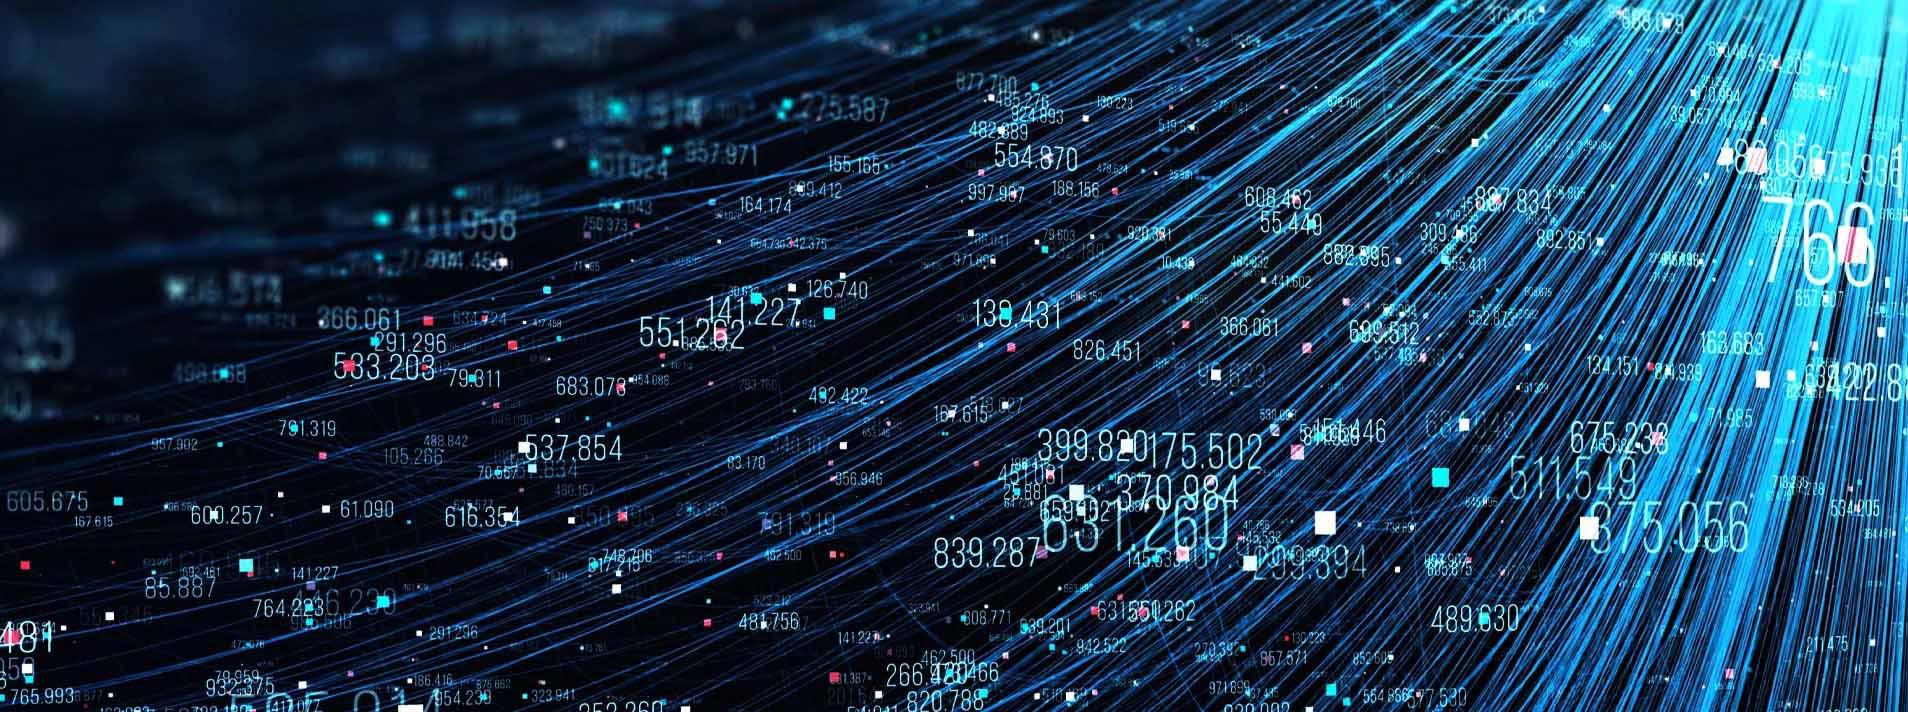 data-unstructured-information